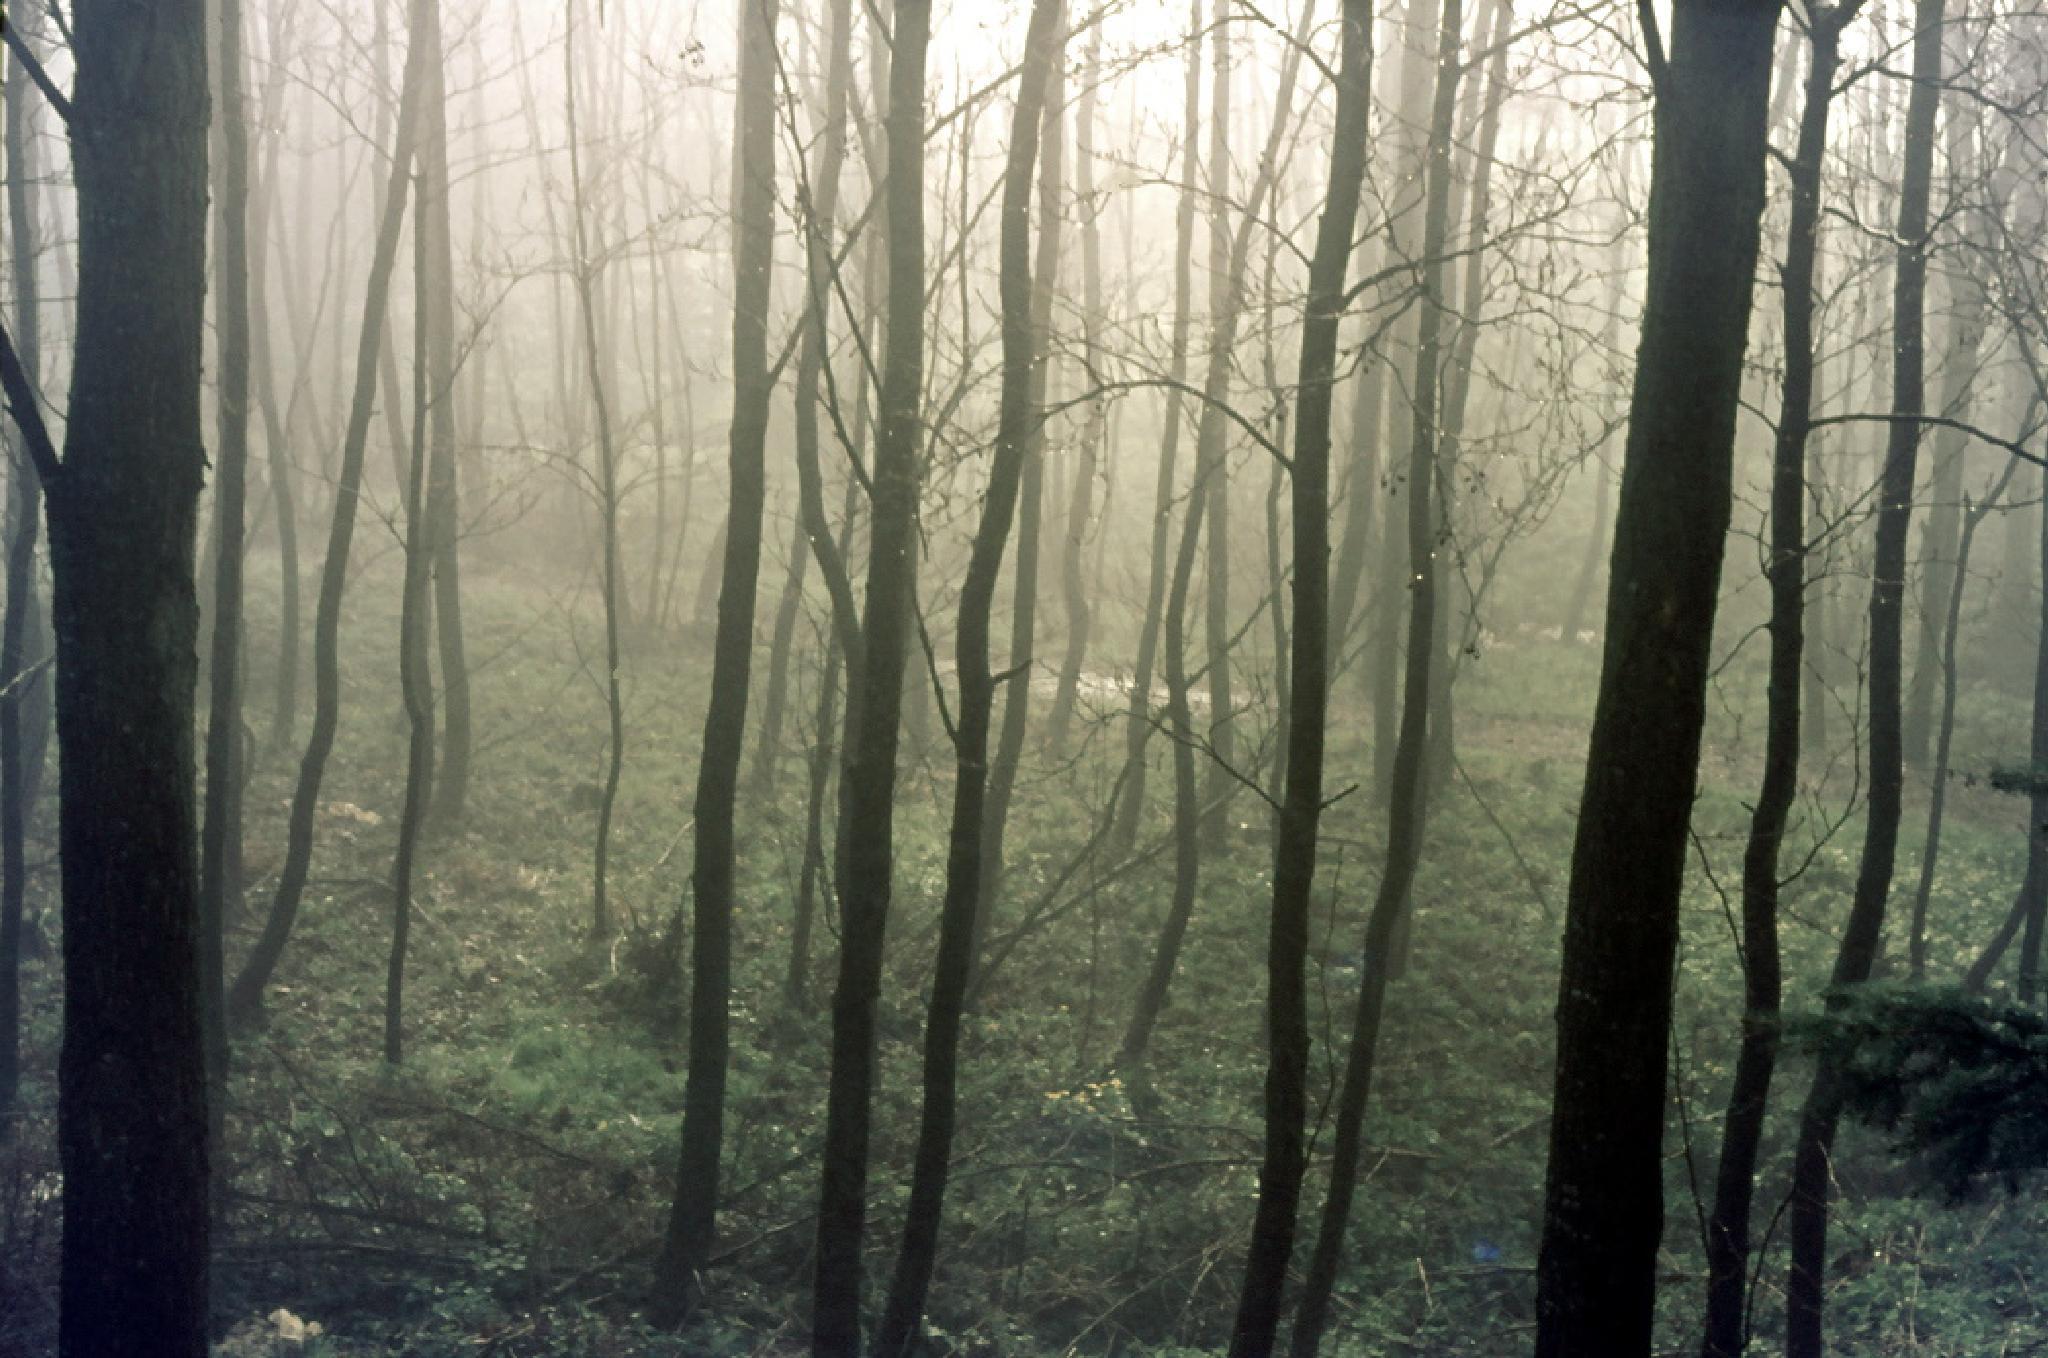 forest on a misty November morning by mapetermayer